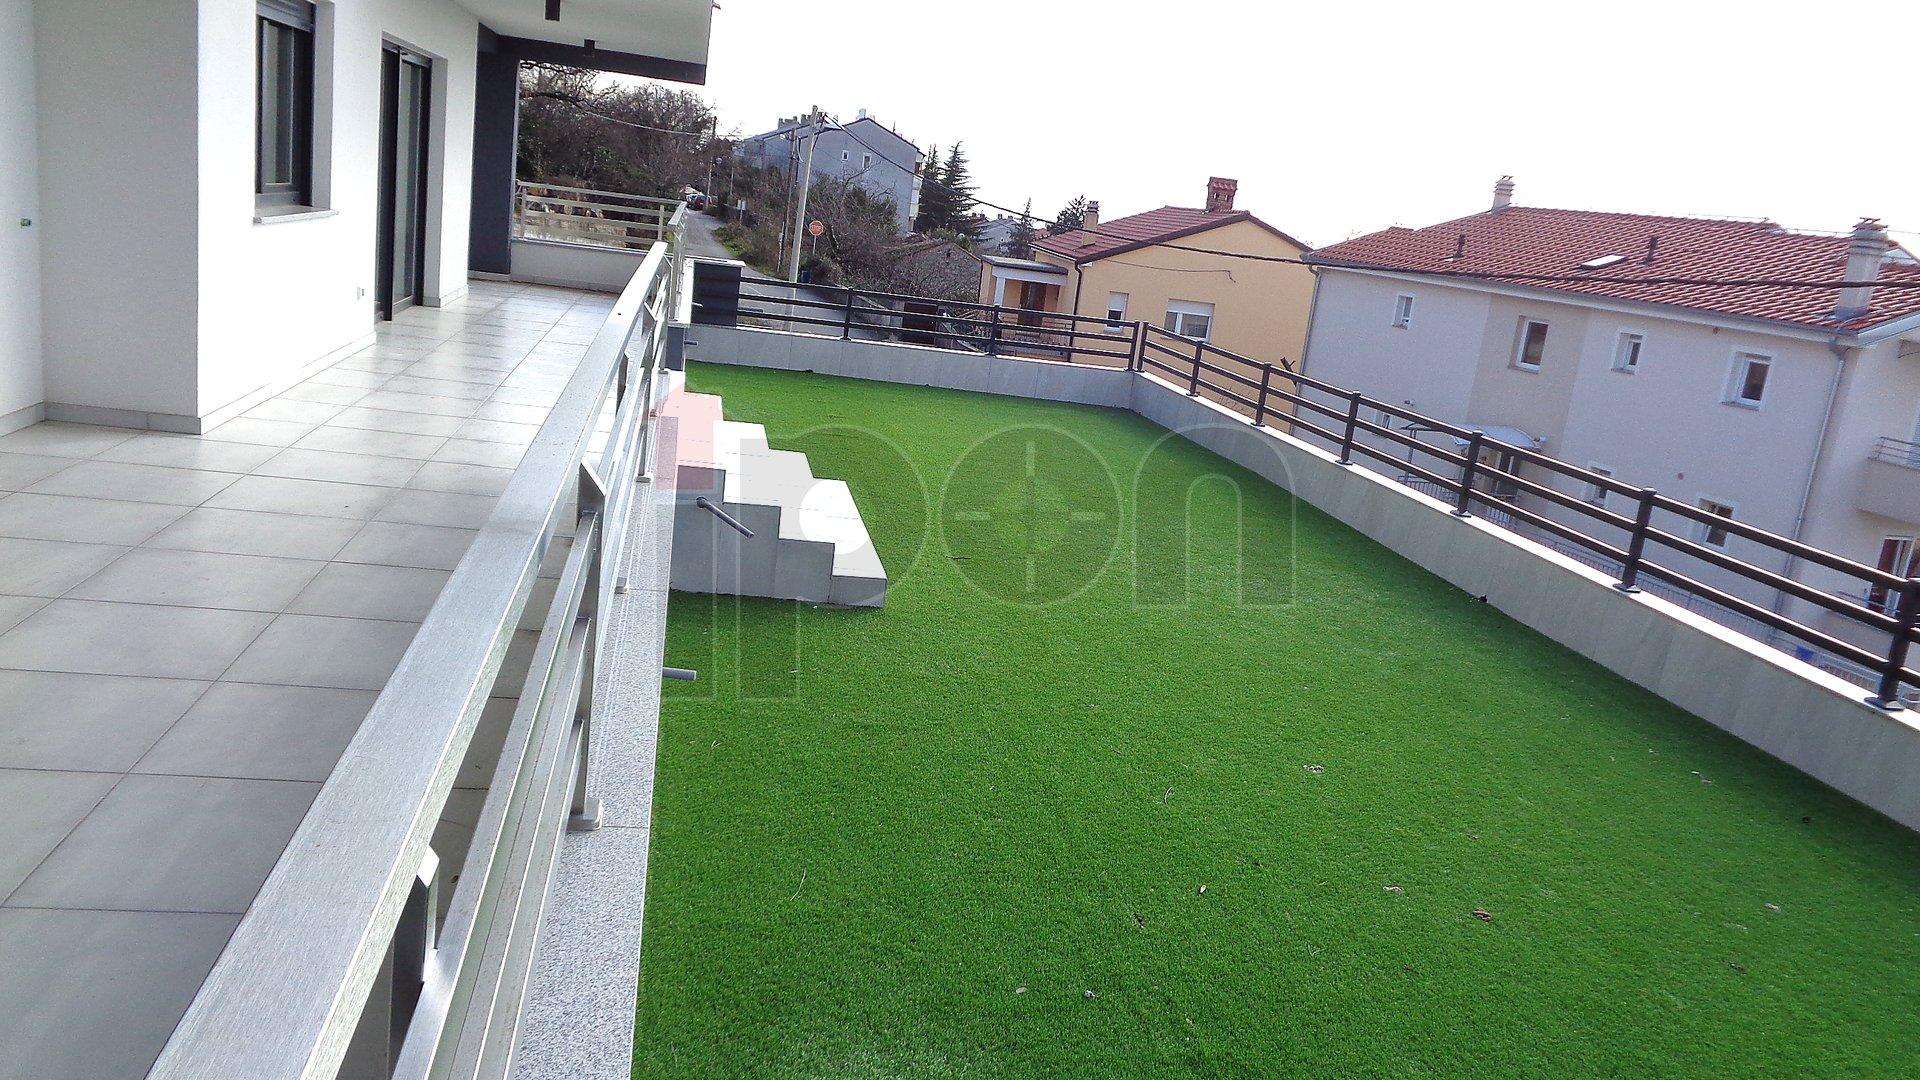 Stanovanje, 155 m2, Prodaja, Rijeka - Donja Drenova